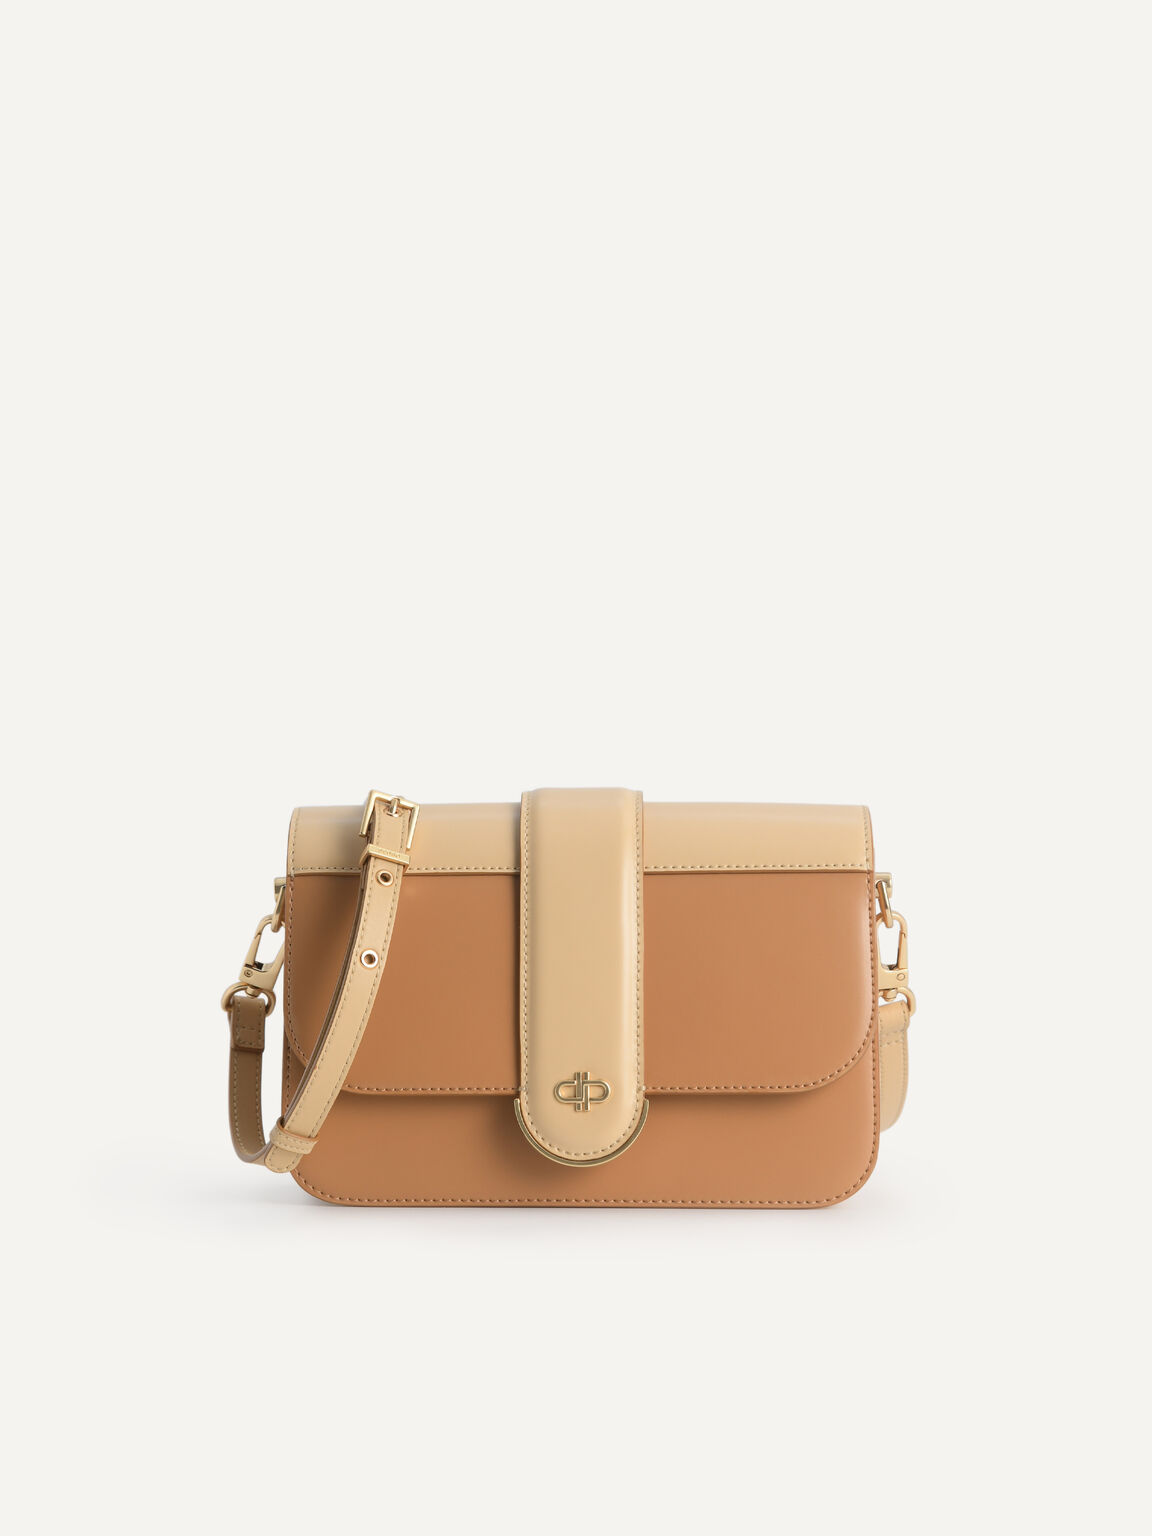 Icon Leather Shoulder Bag, Camel, hi-res